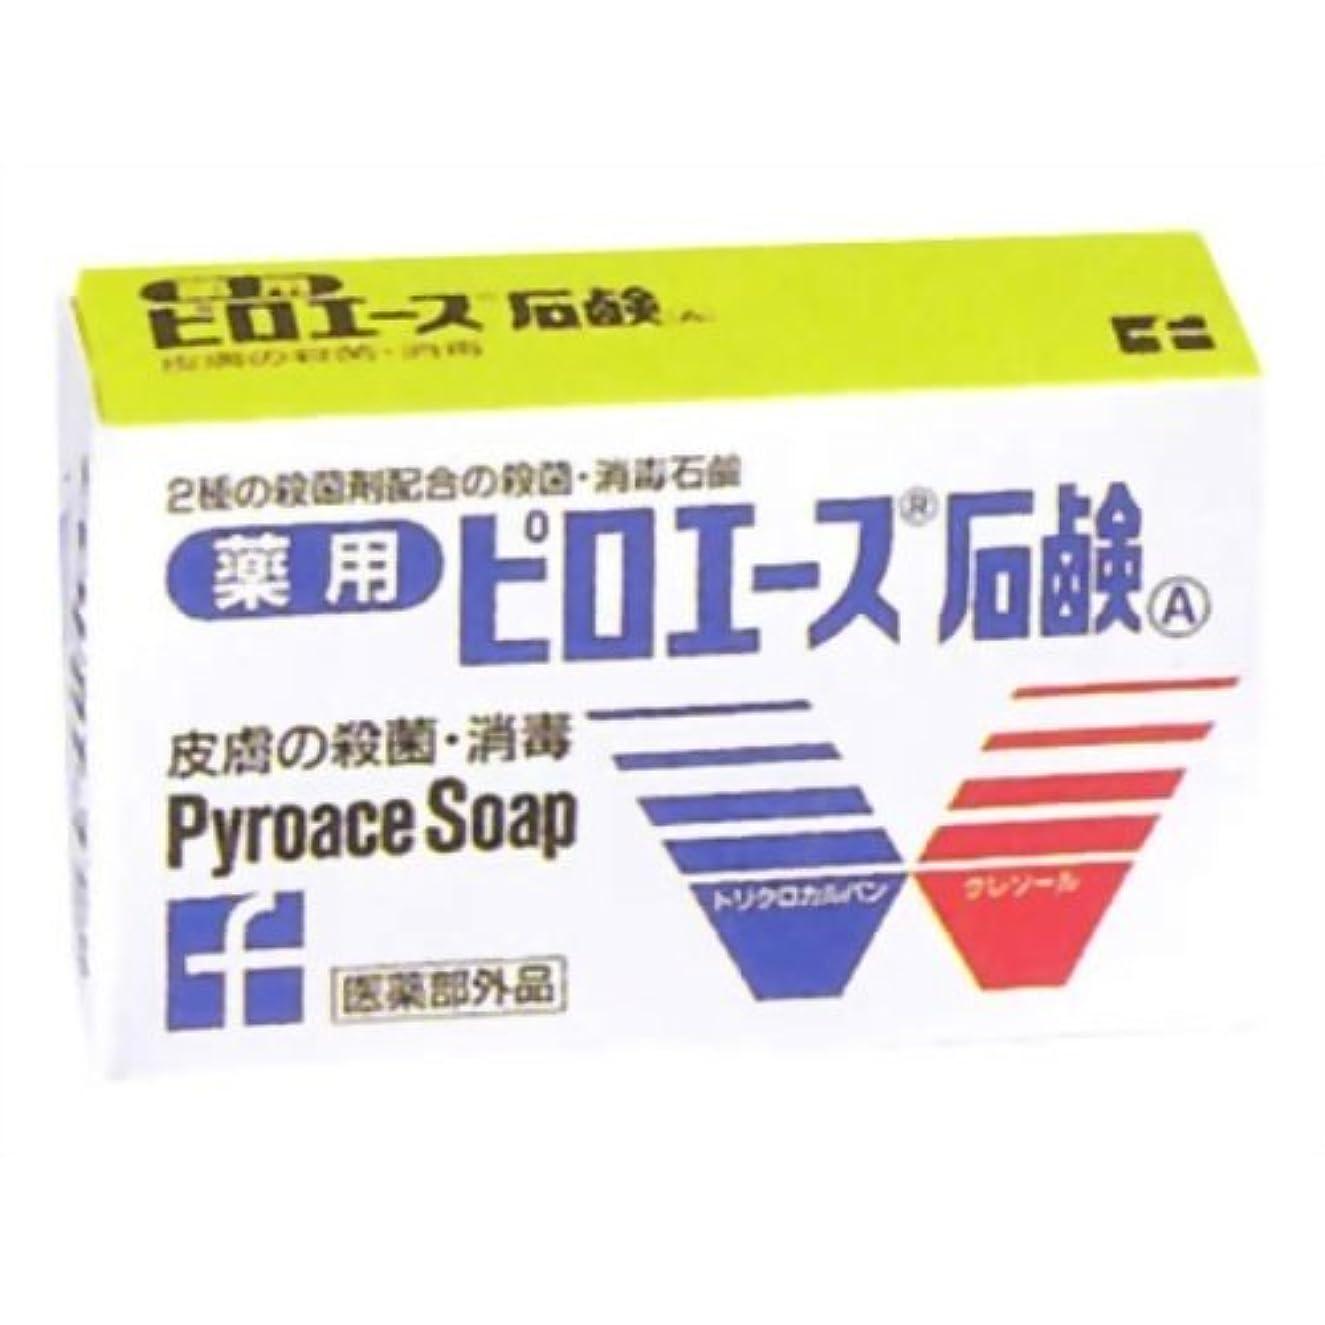 無秩序メダルレスリング【第一三共ヘルスケア】ピロエース石鹸 70g